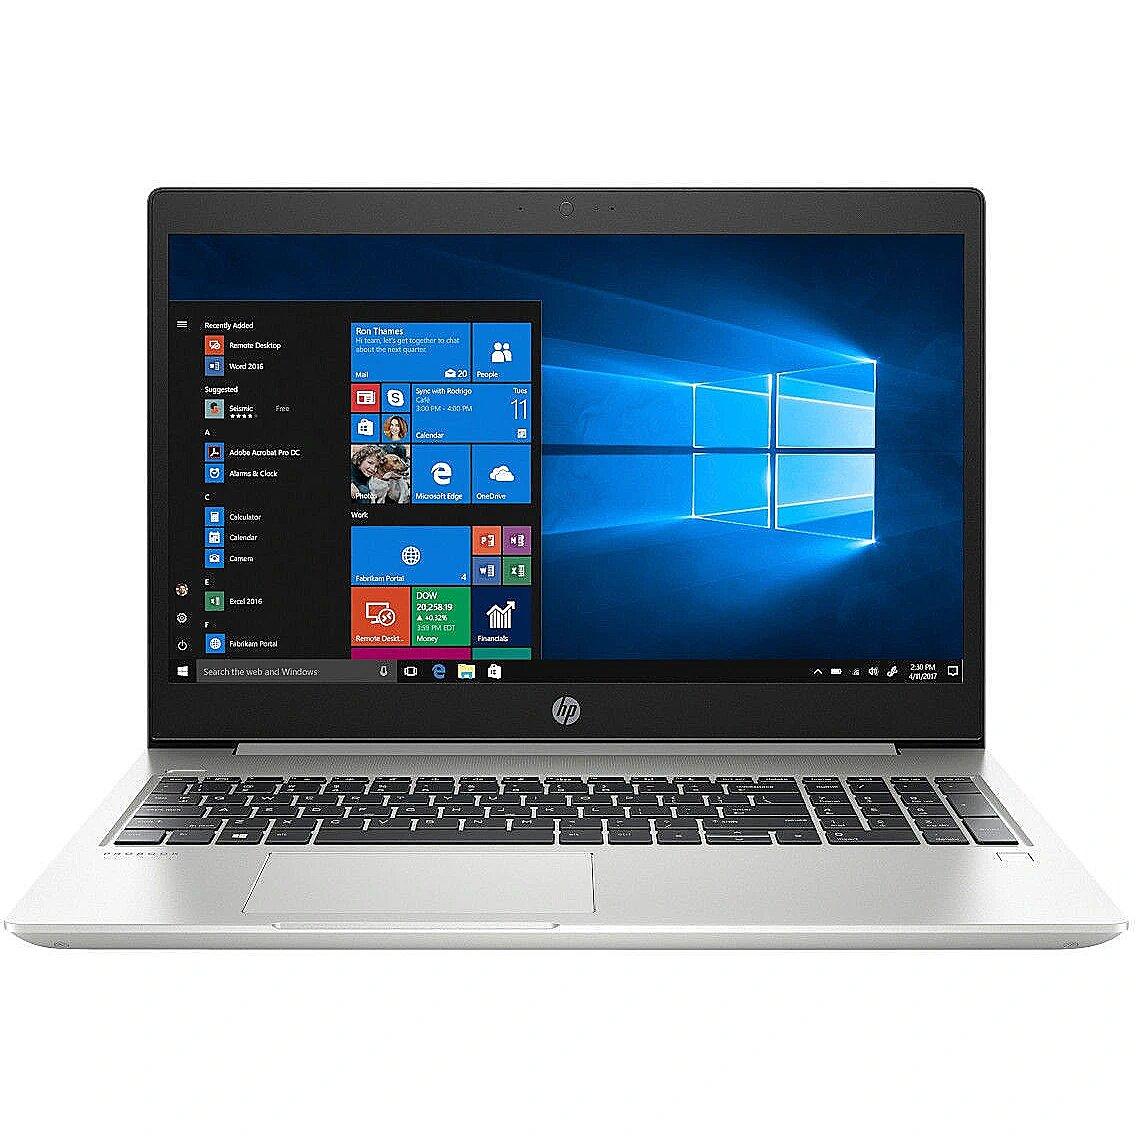 Hewlett Packard ProBook 450 G6, 15.6